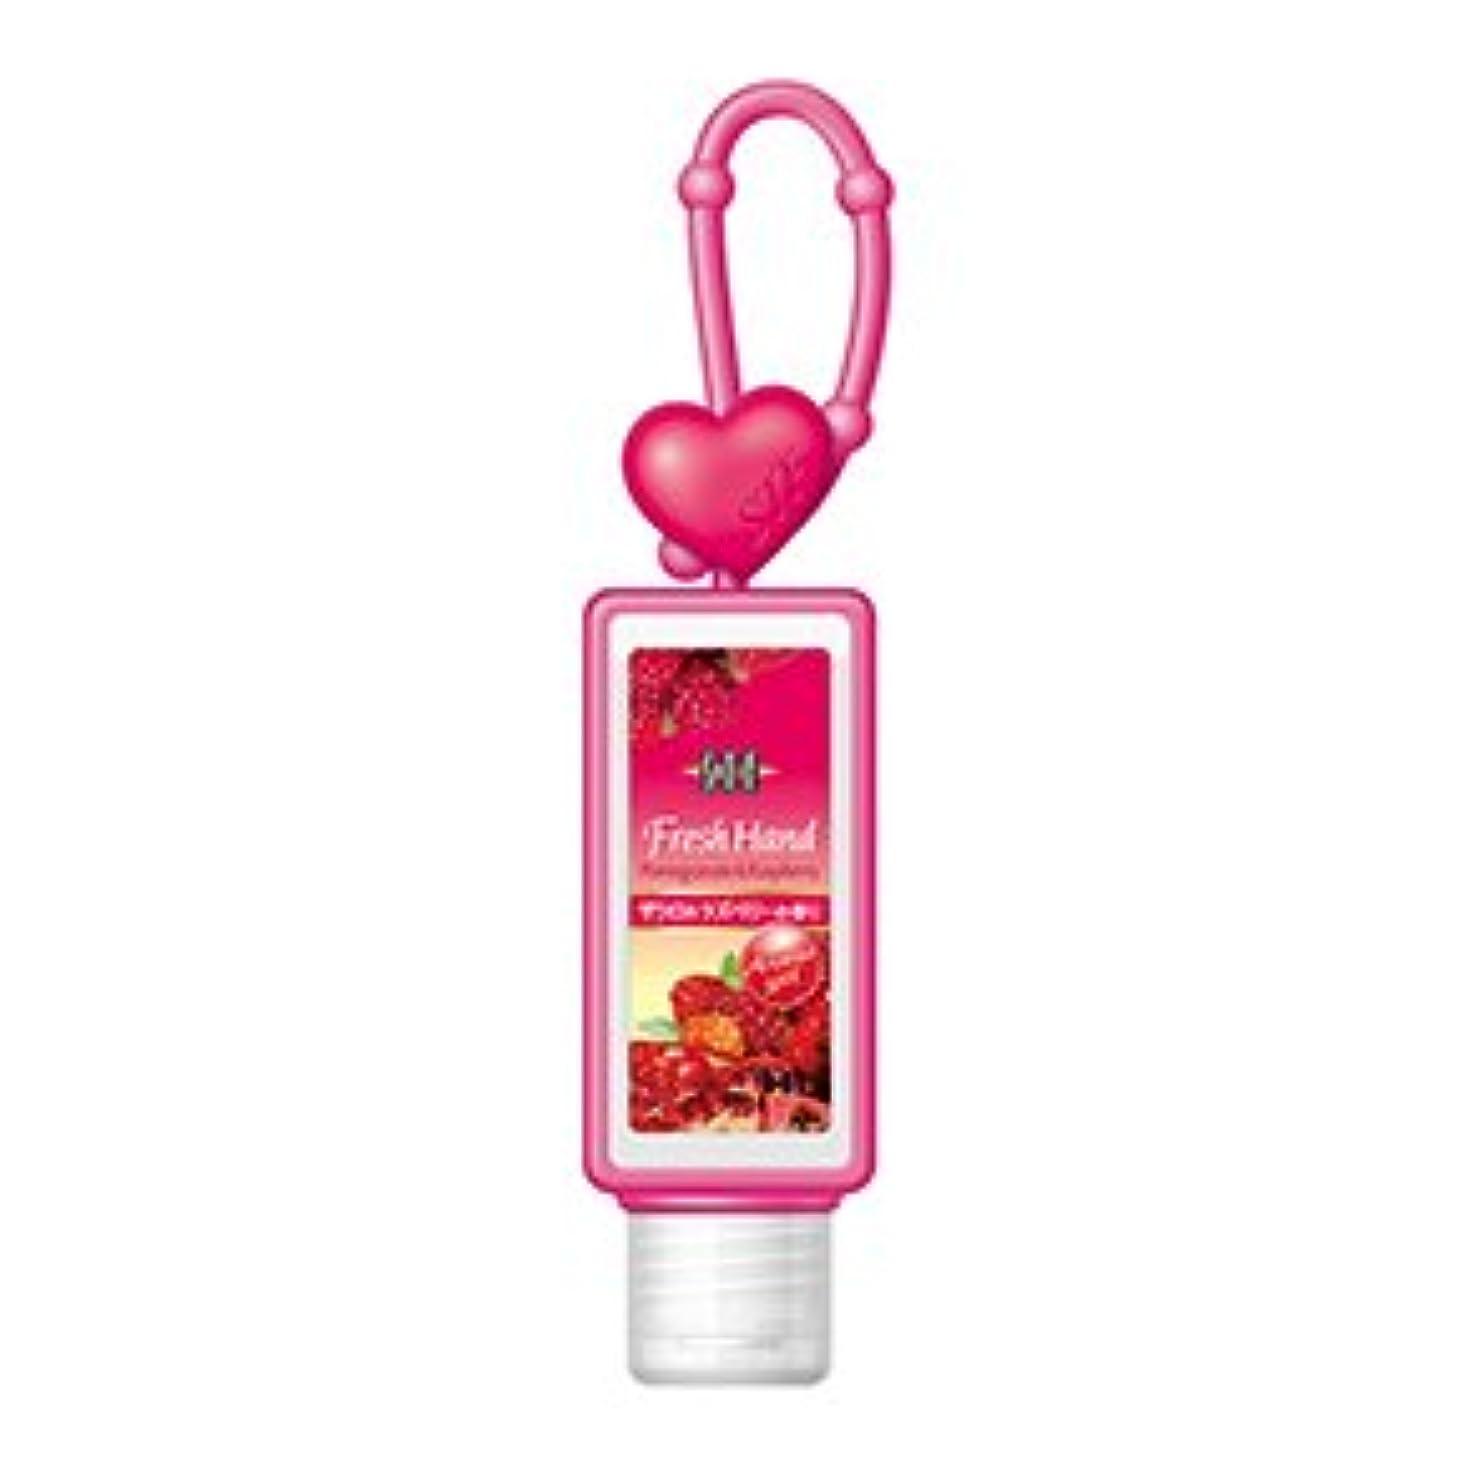 STF フレッシュハンド ザクロ&ラズベリーの香り 30ml